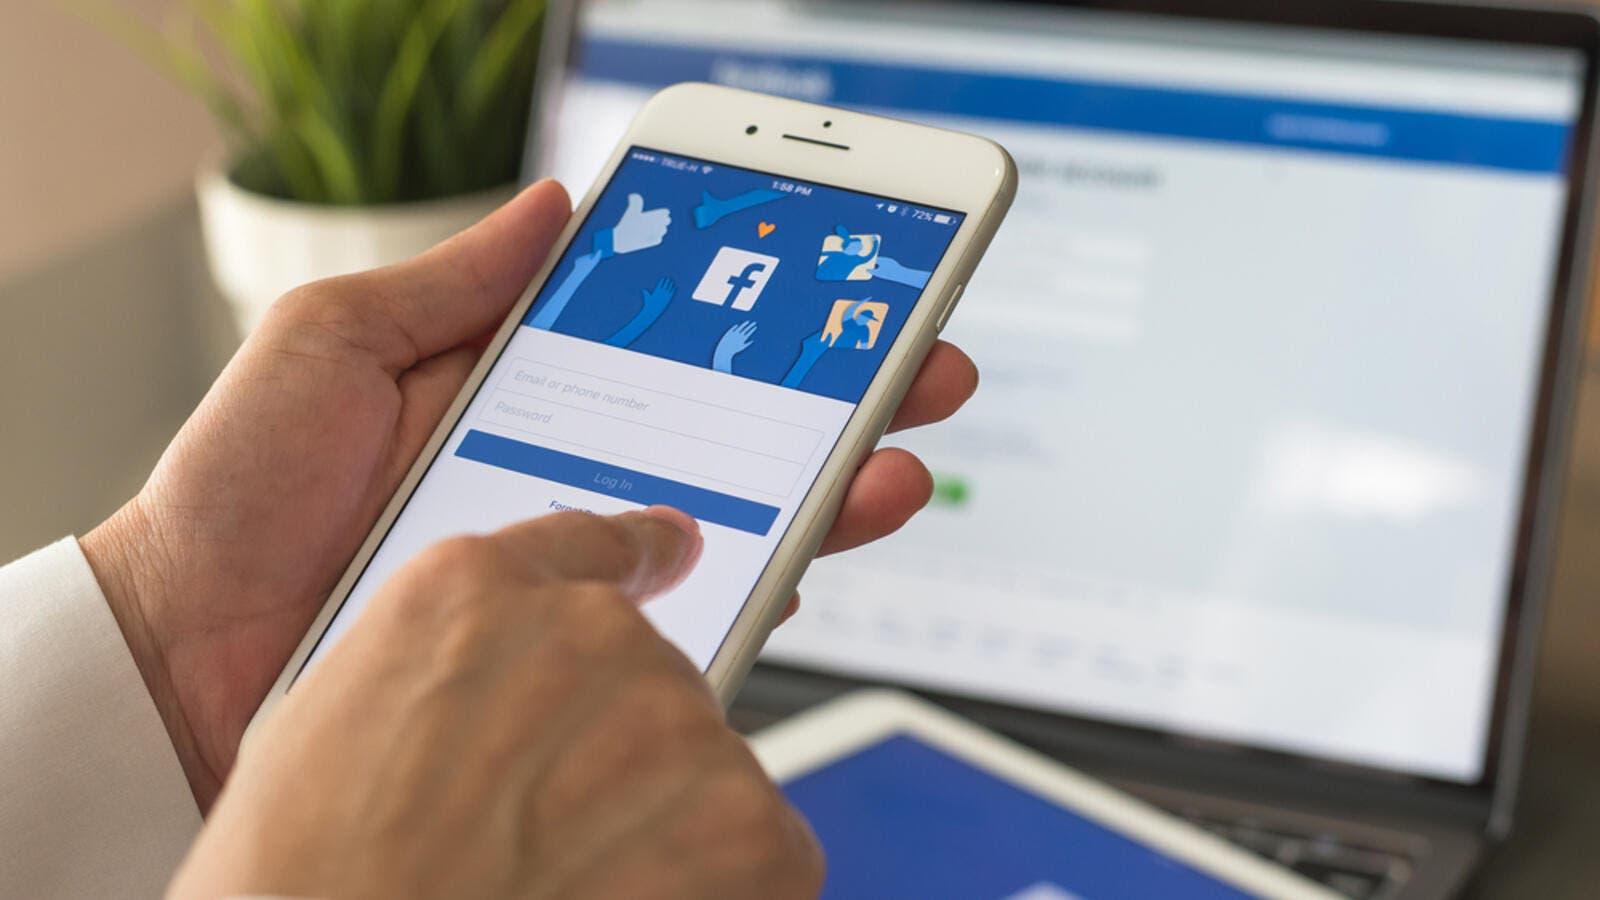 Facebook Rolls New Features To Video Capabilities Al Bawaba